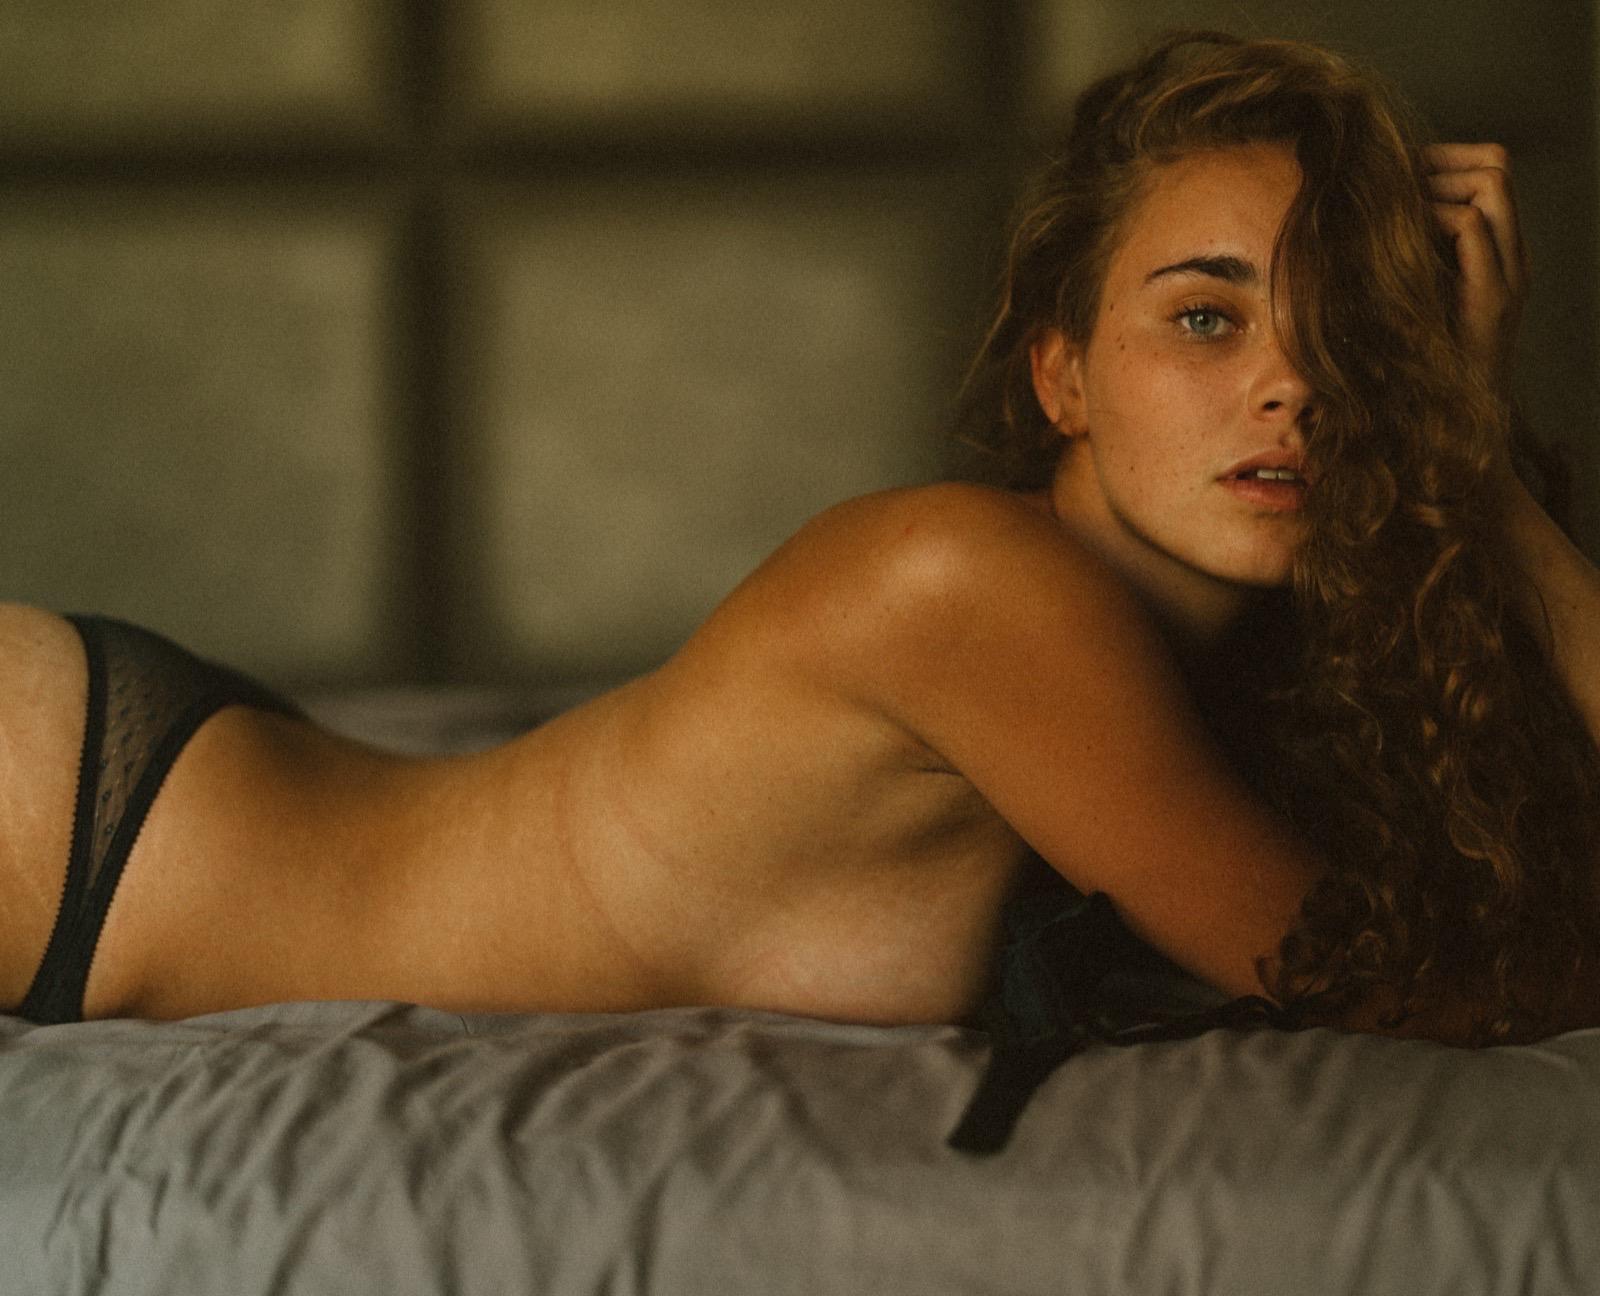 Sex Shanta De Keuning nude photos 2019